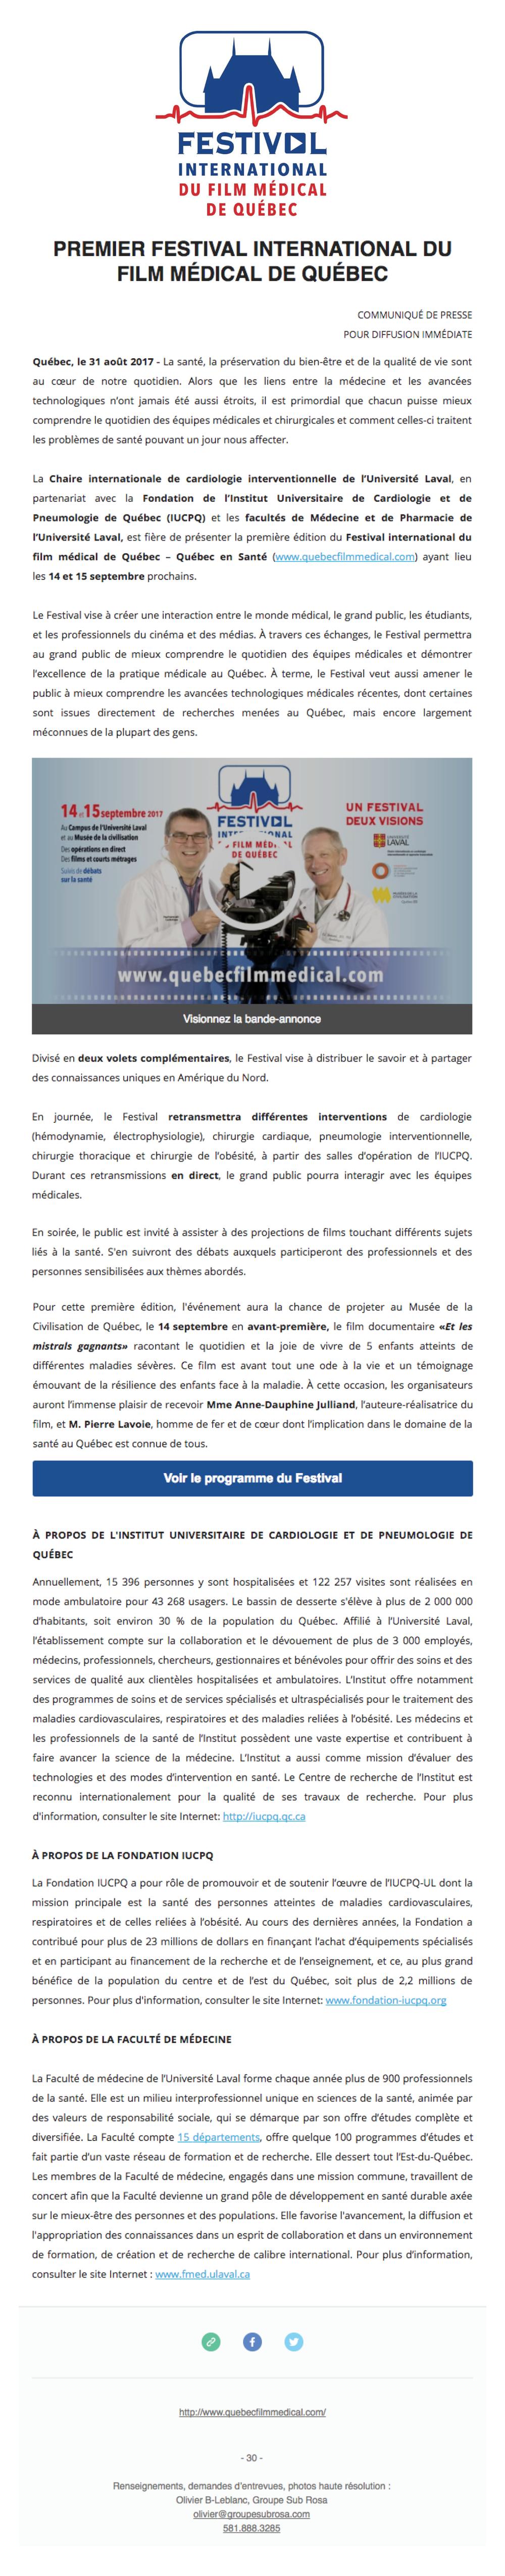 Festival international du film médical de Québec 2017 - 31 août 2017